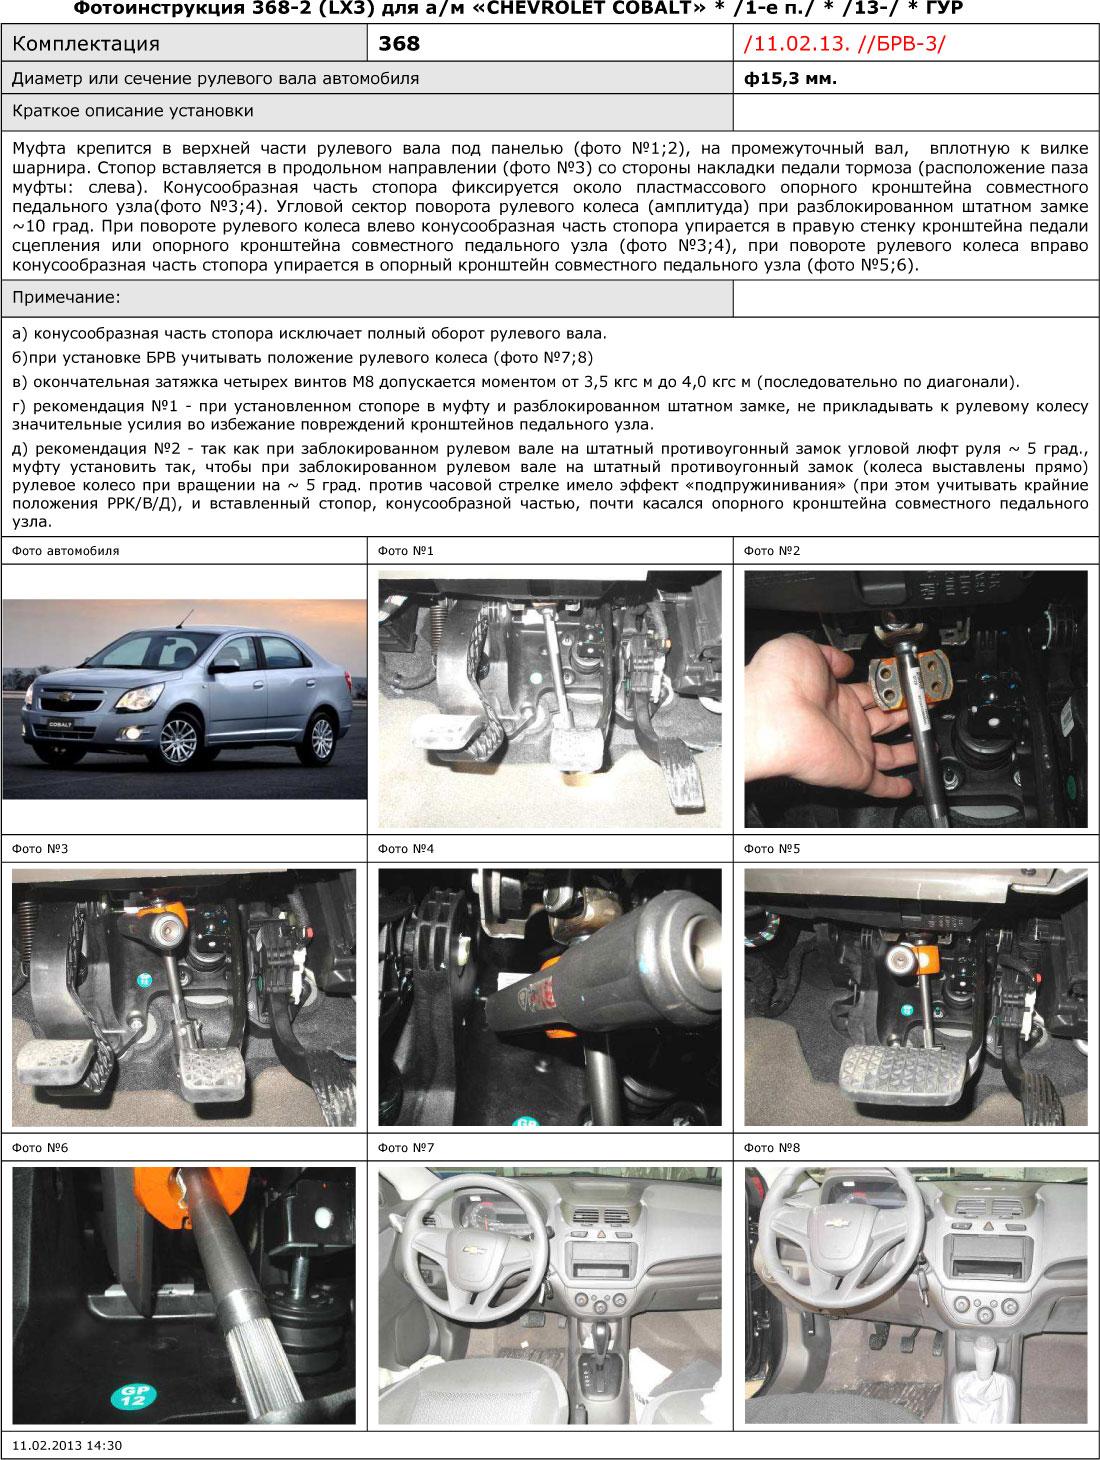 Блокиратор рулевого вала для CHEVROLET COBALT /2013-/ ГУР - Гарант Блок Люкс 368.E